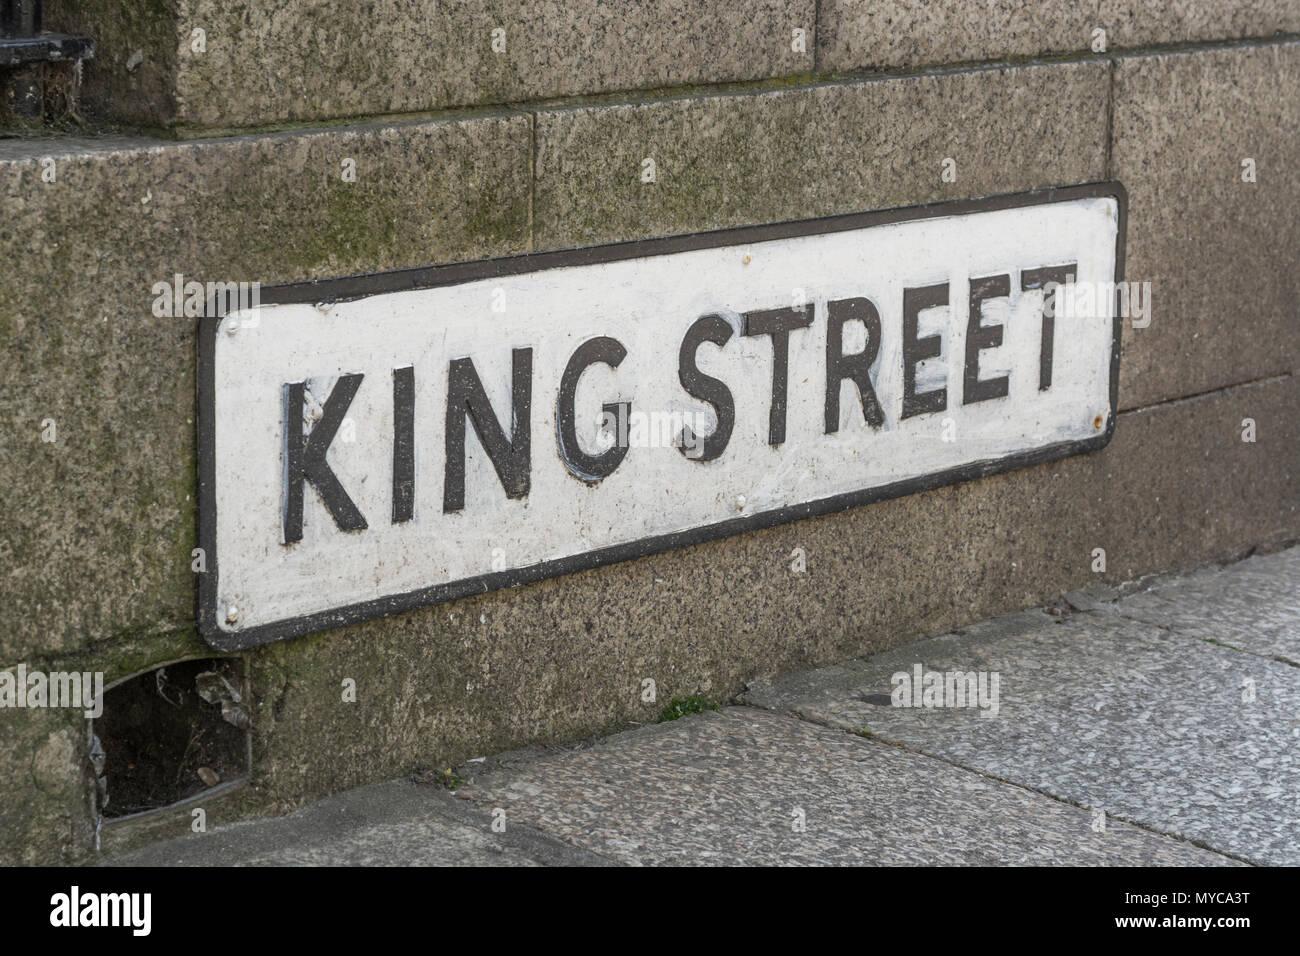 La hauteur de la chaussée pour signer King Street à Truro, Cornwall. Photo Stock